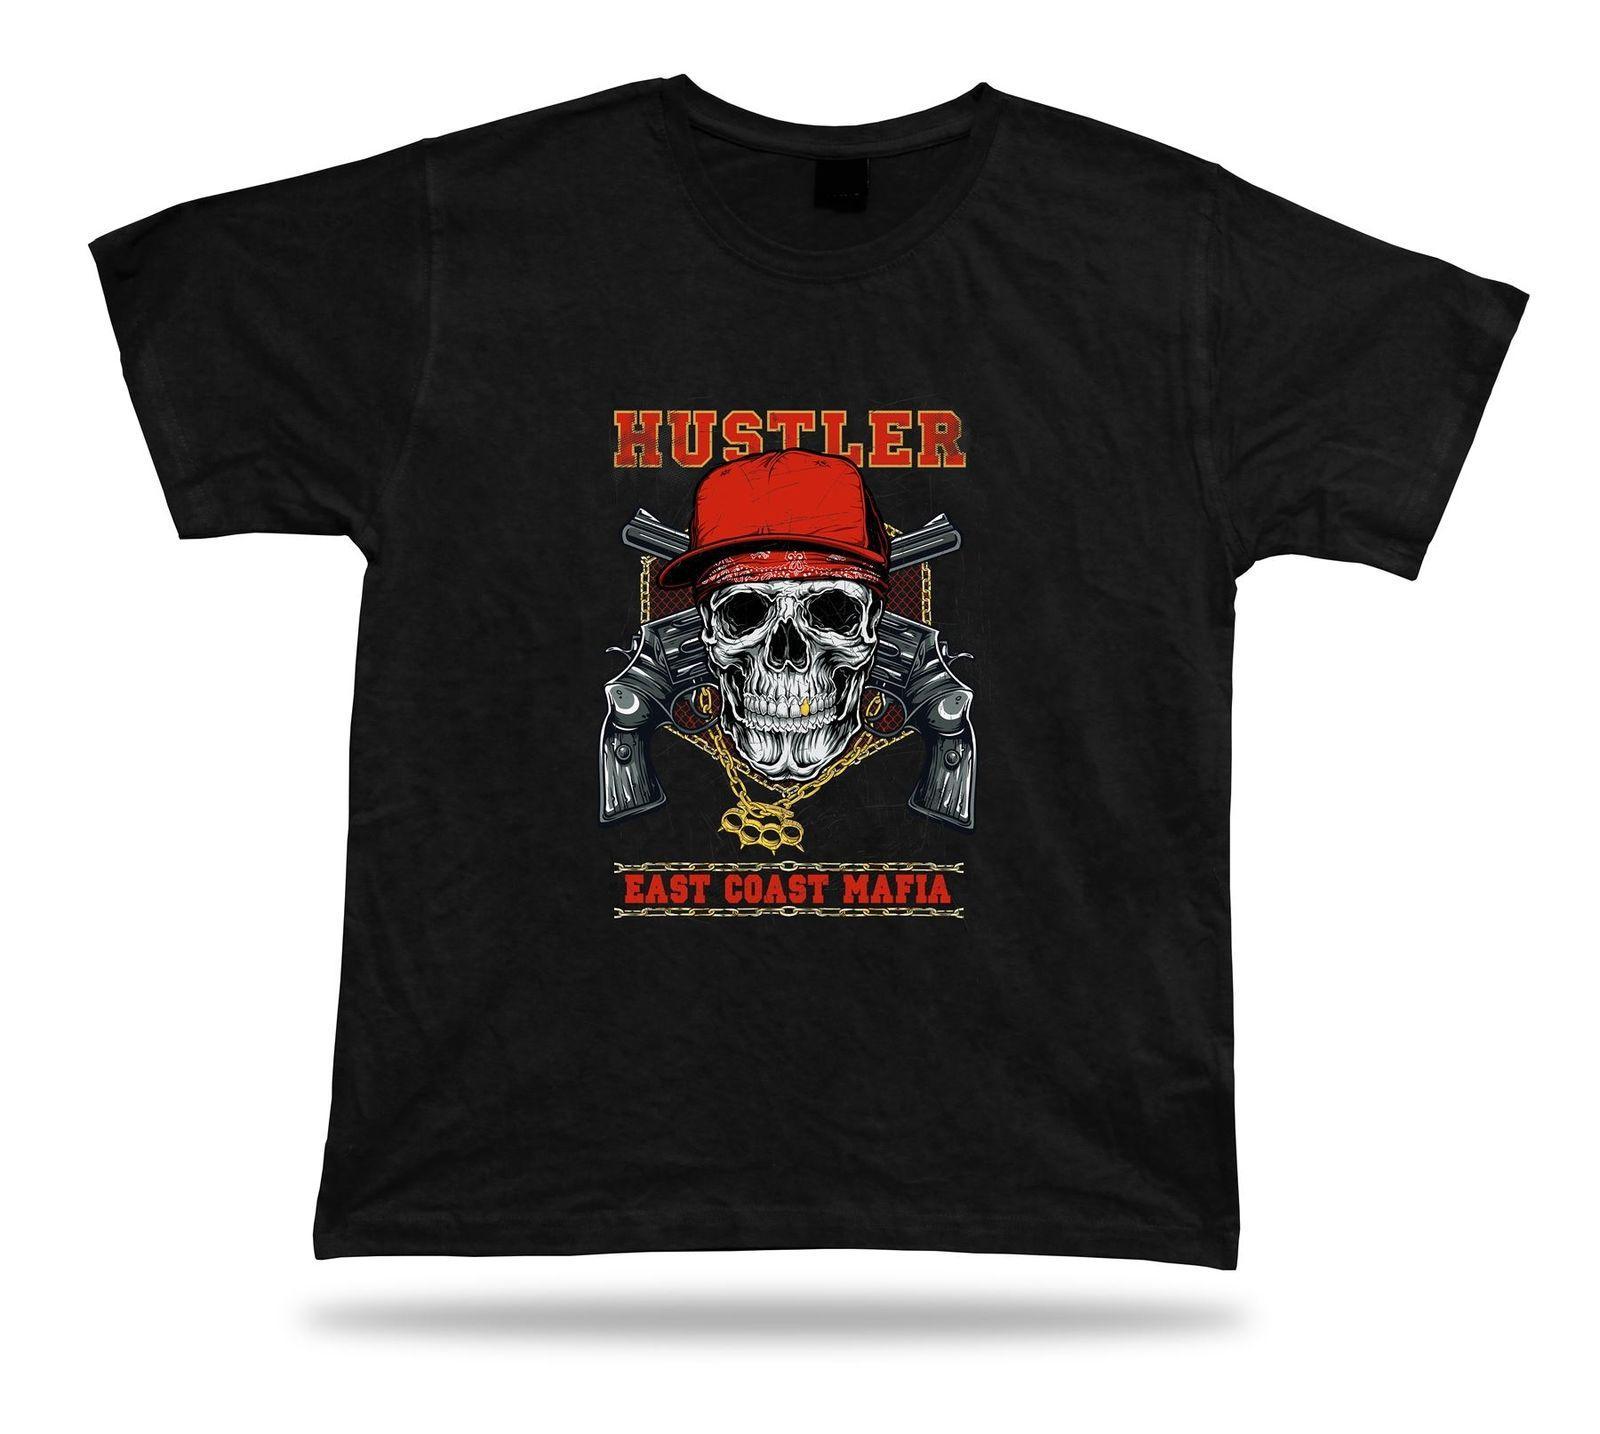 Hustler East Coast Mafia Skeleton Skull Modern T Shirt Stylish Cool